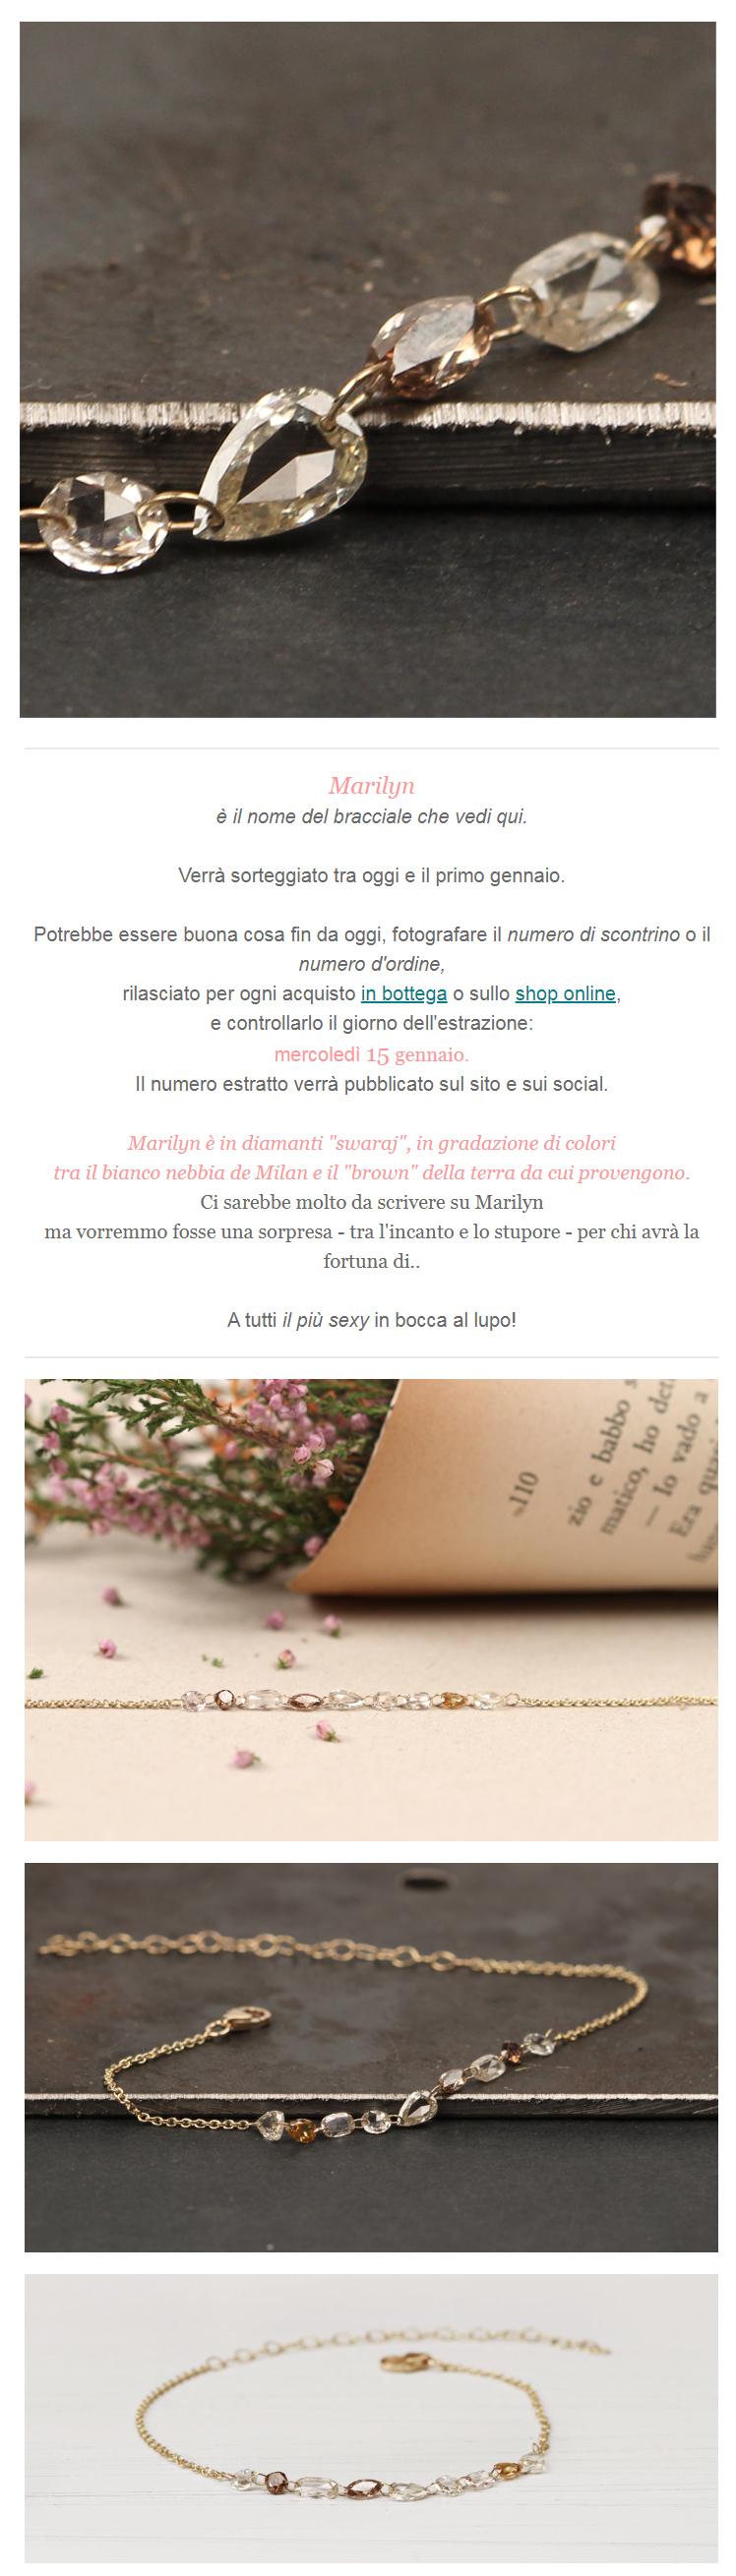 newsletter-natale-19